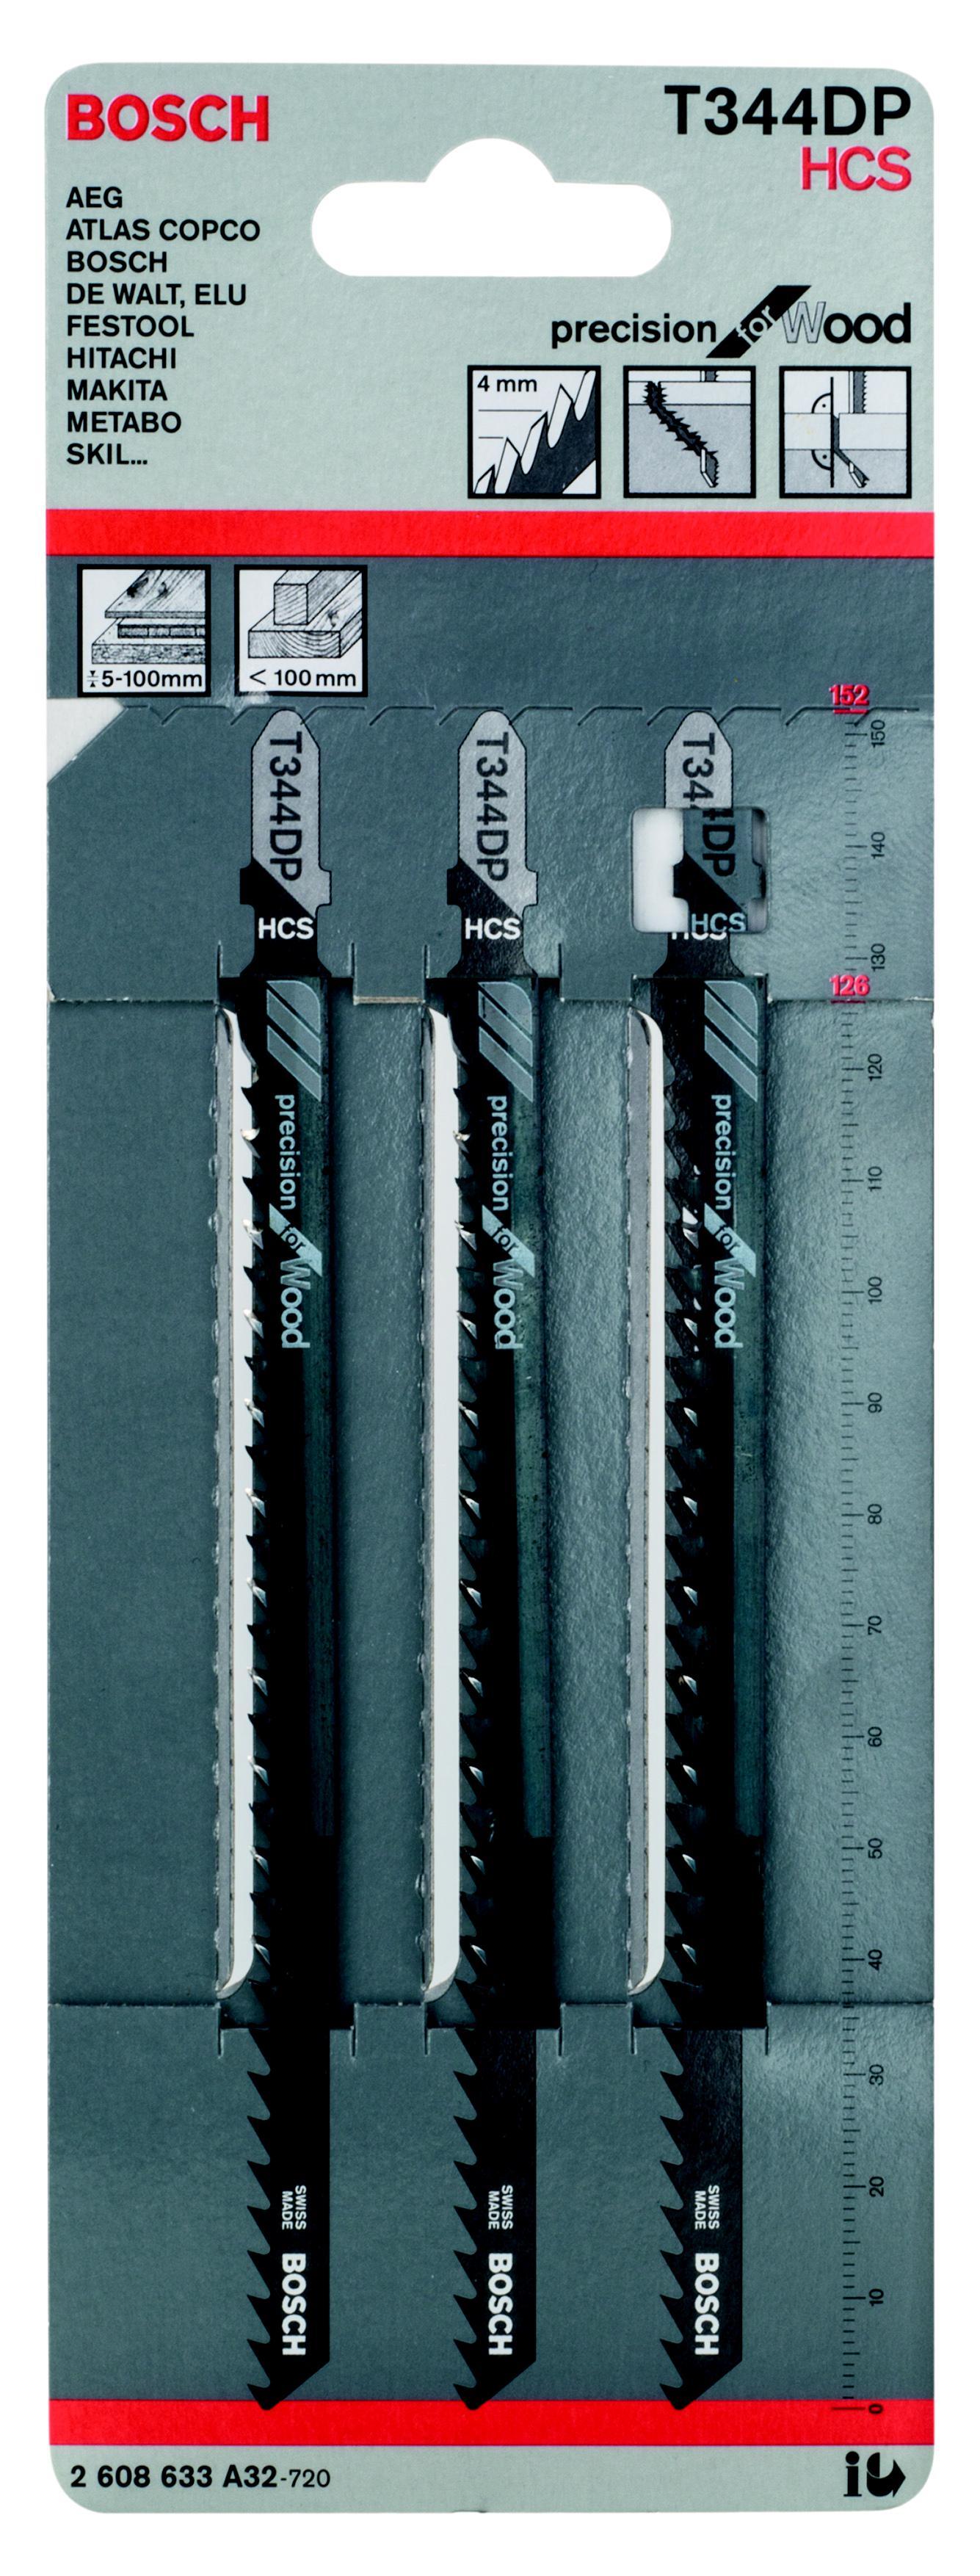 Купить Пилки для лобзика Bosch T344dp (2.608.633.a32), Швейцария